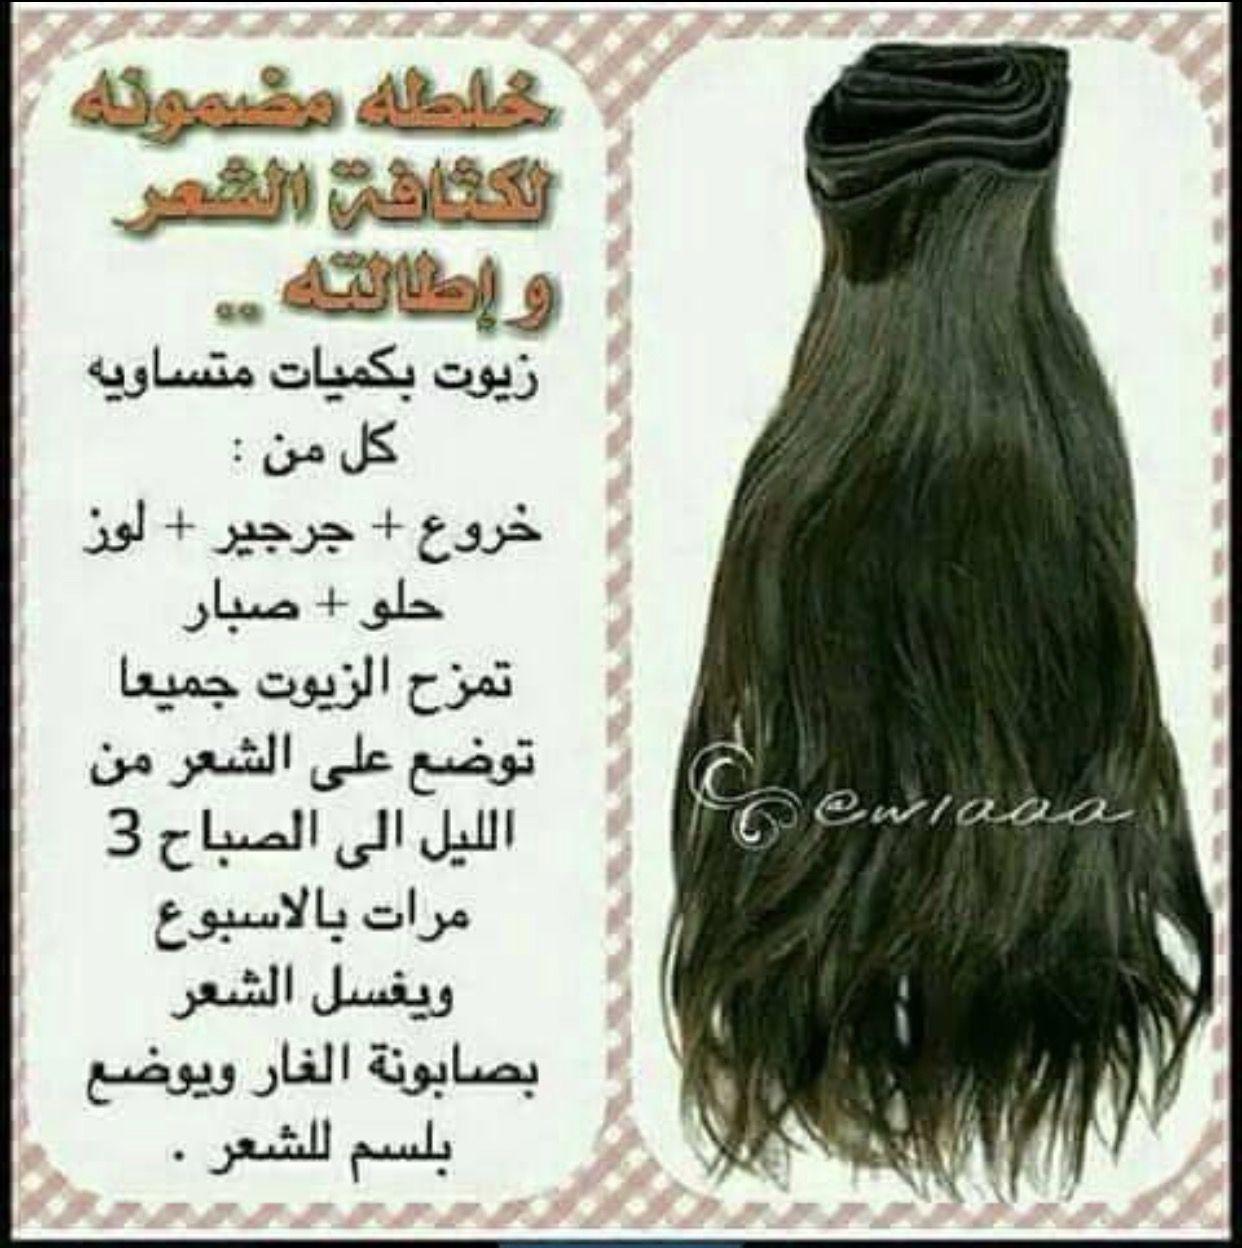 وصفات لتطويل الشعر في اسبوع Hair Styles Long Hair Styles Hair